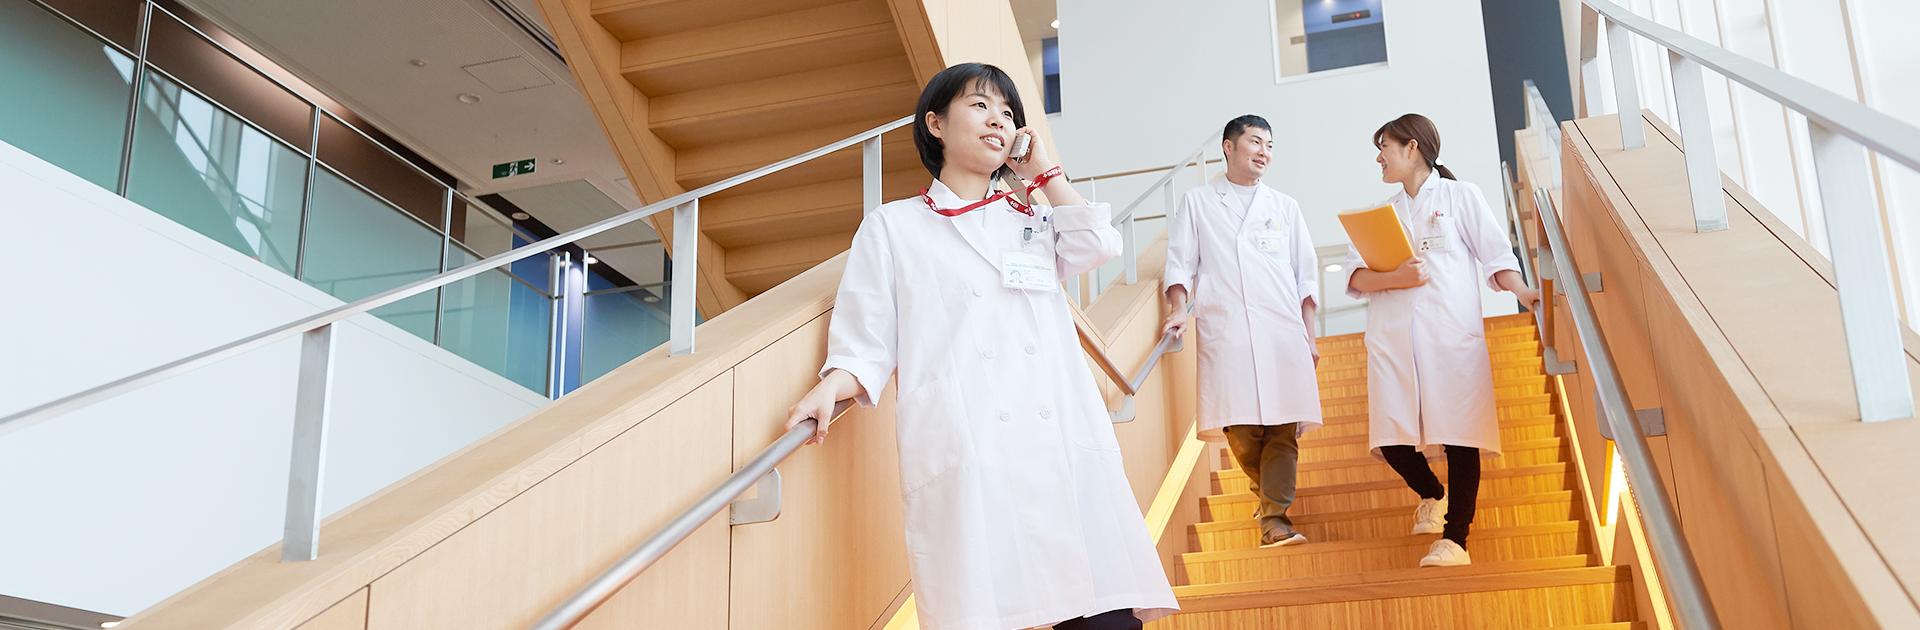 大阪大学医学部附属病院薬剤部